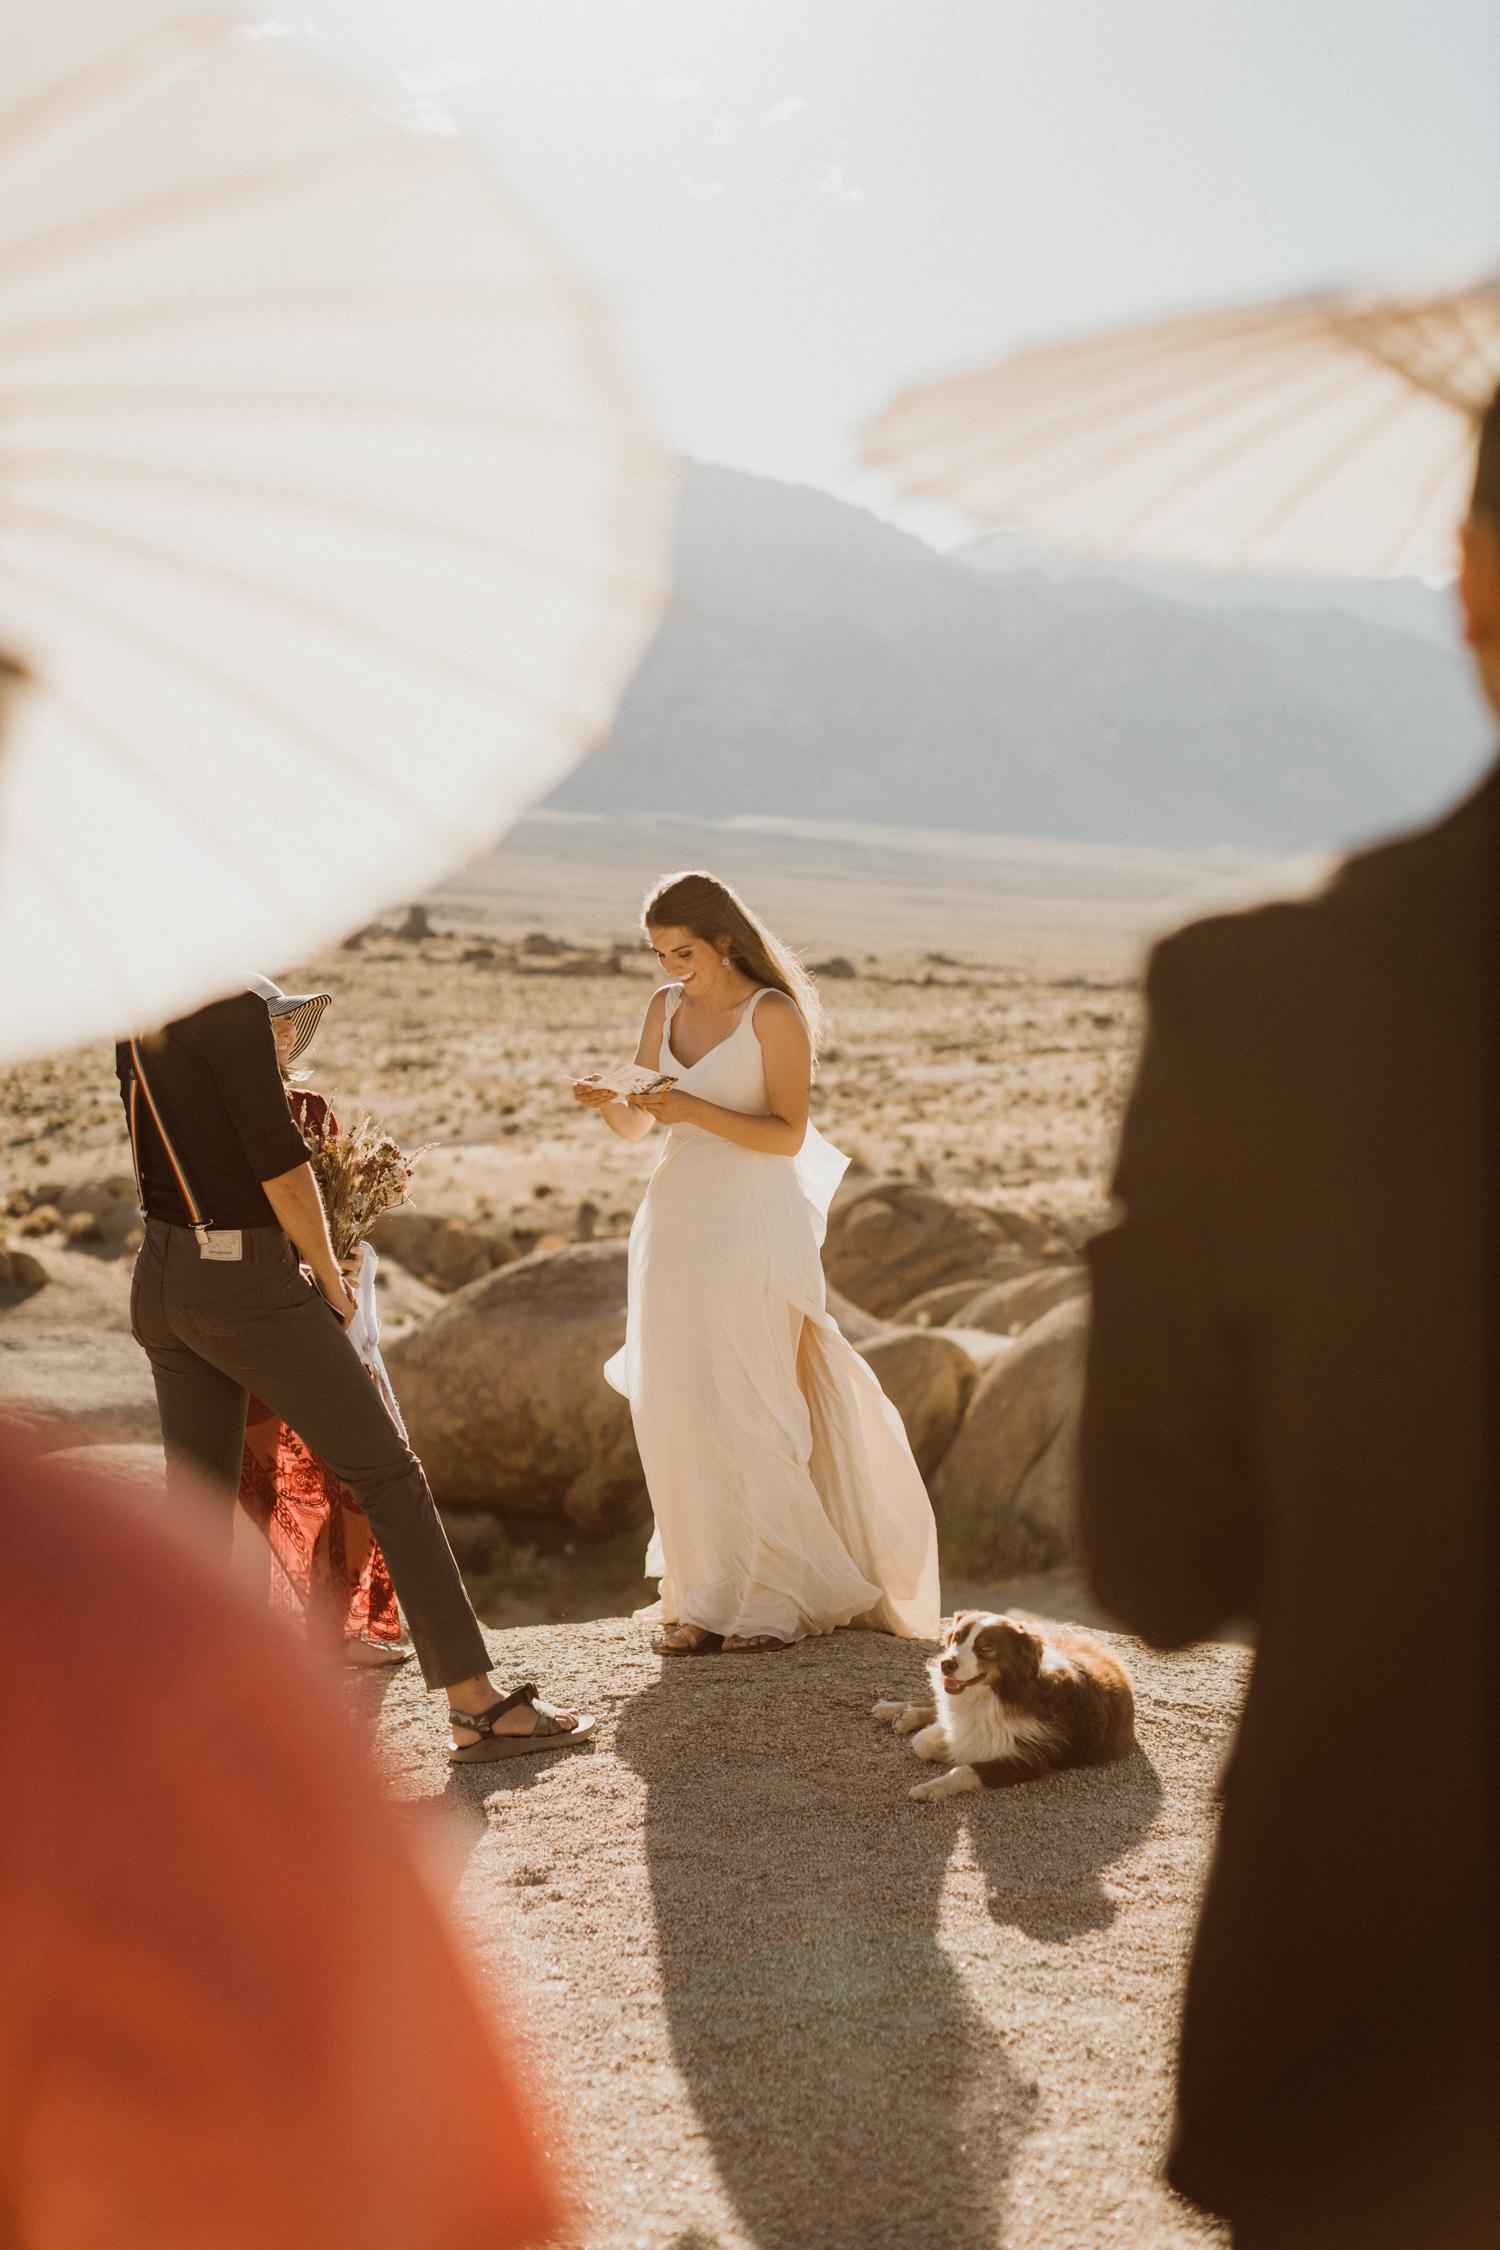 47_wedding_vibes_desert.jpg